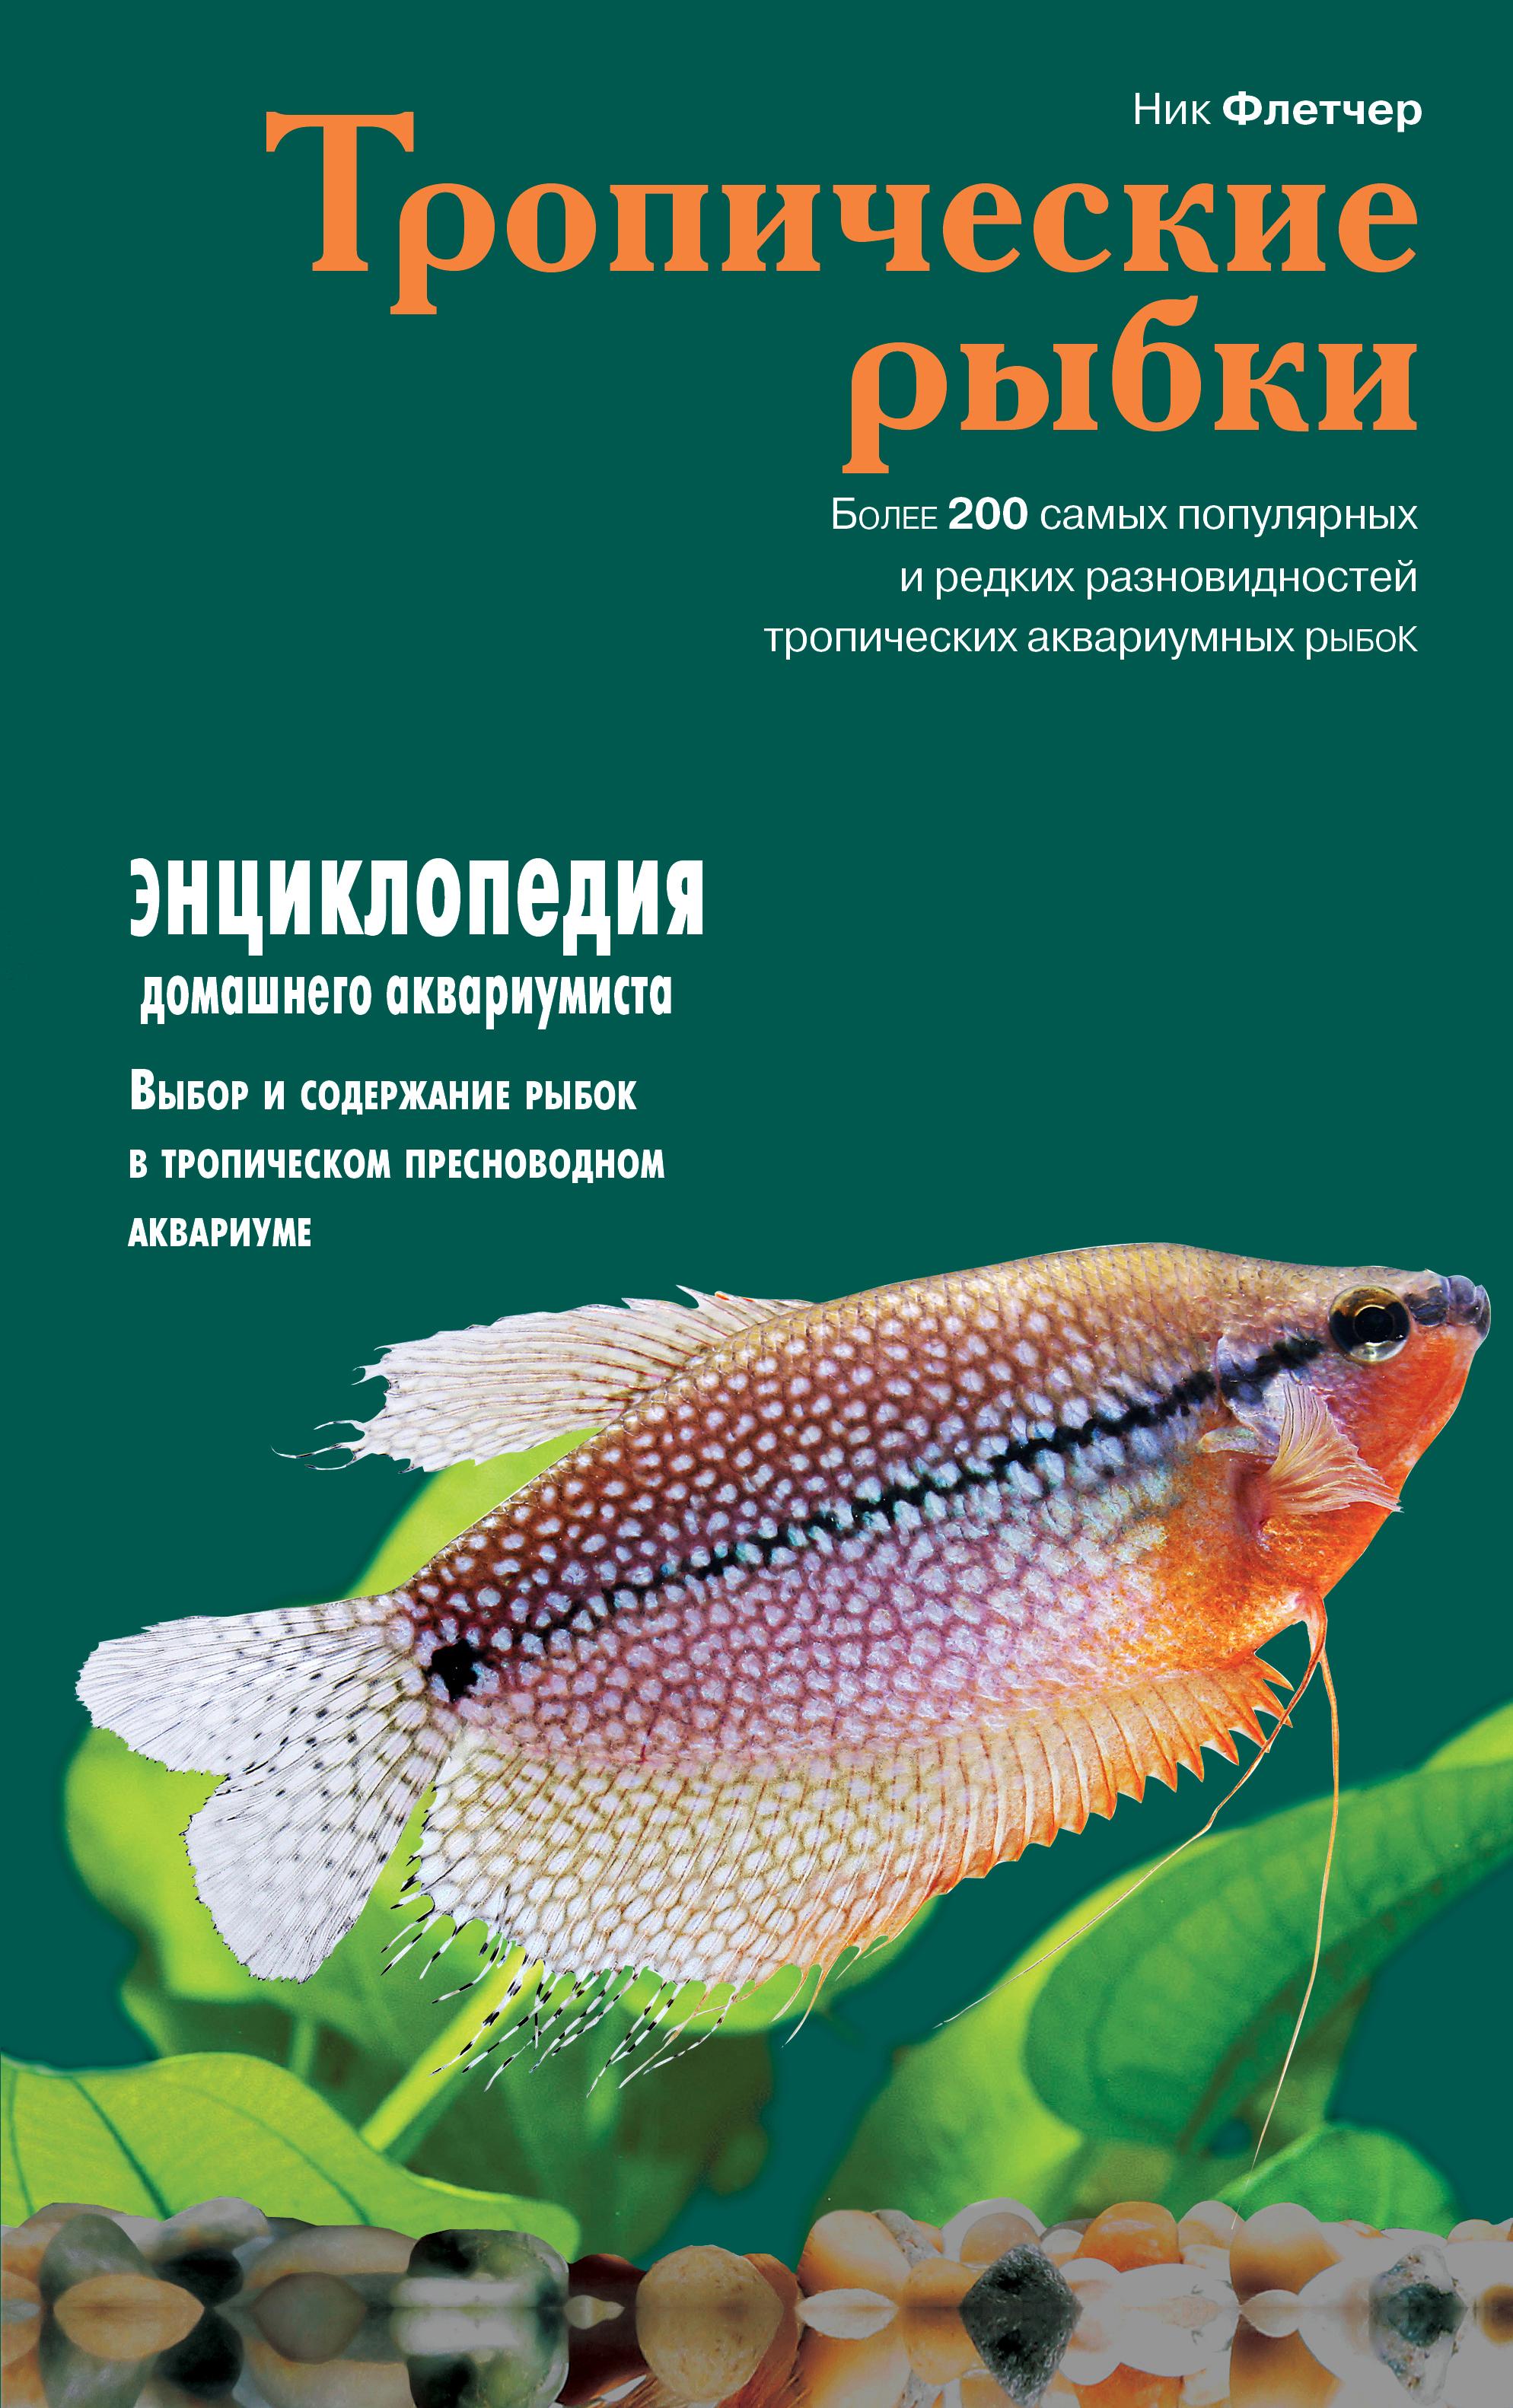 Тропические рыбки (Подарочные издания. Живой мир нашей планеты) ( Флетчер Н.  )